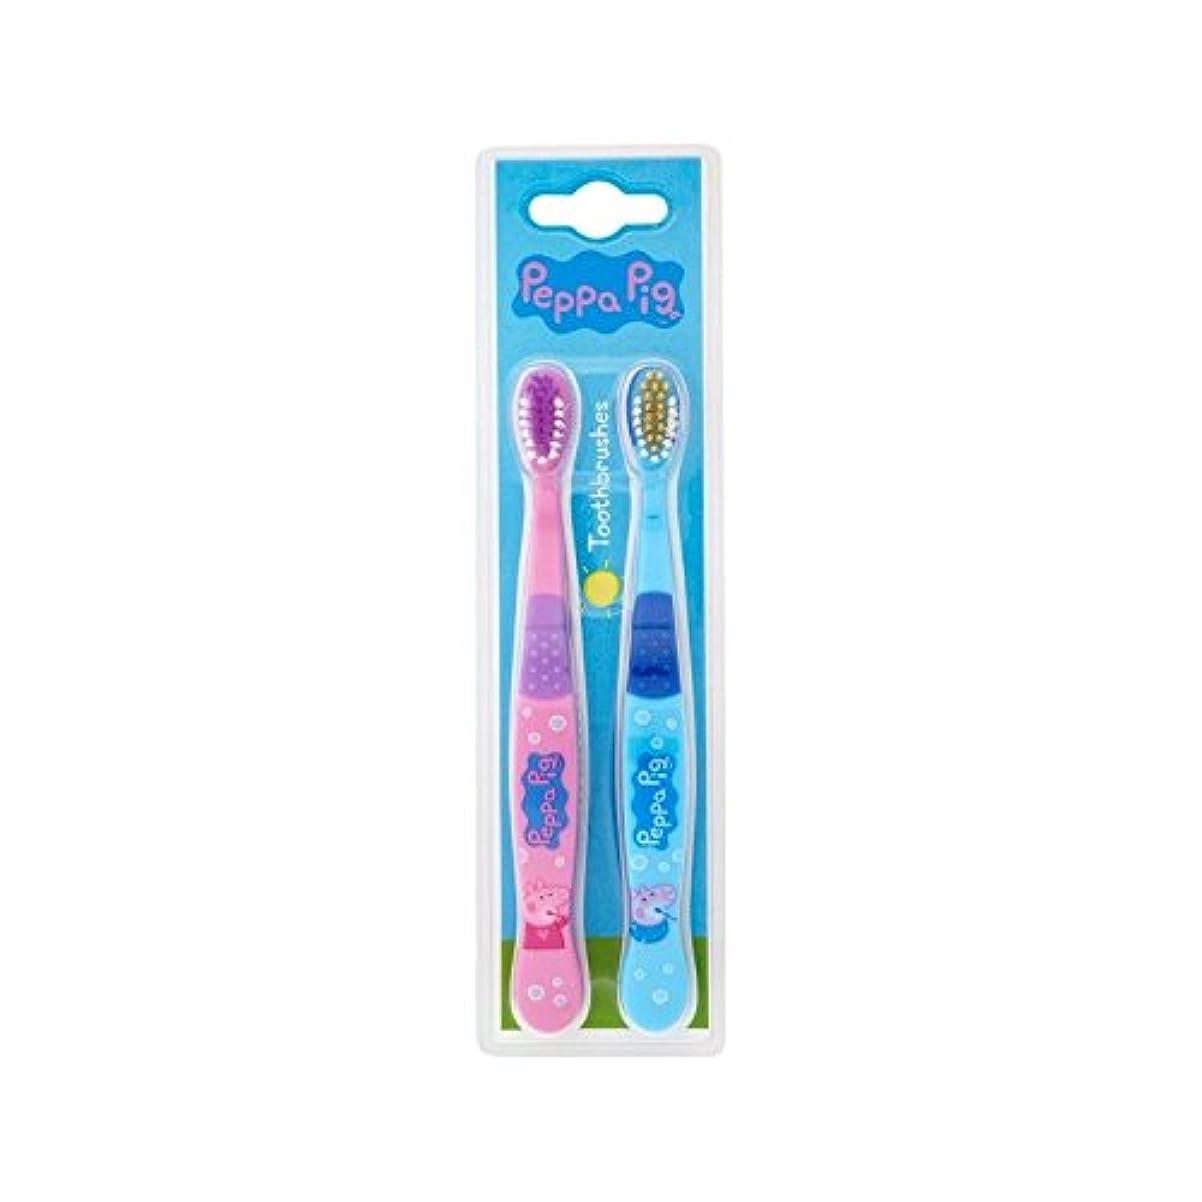 ハッチ見出し粘性の1パックツイン歯ブラシ2 (Peppa Pig) - Peppa Pig Twin Toothbrush 2 per pack [並行輸入品]